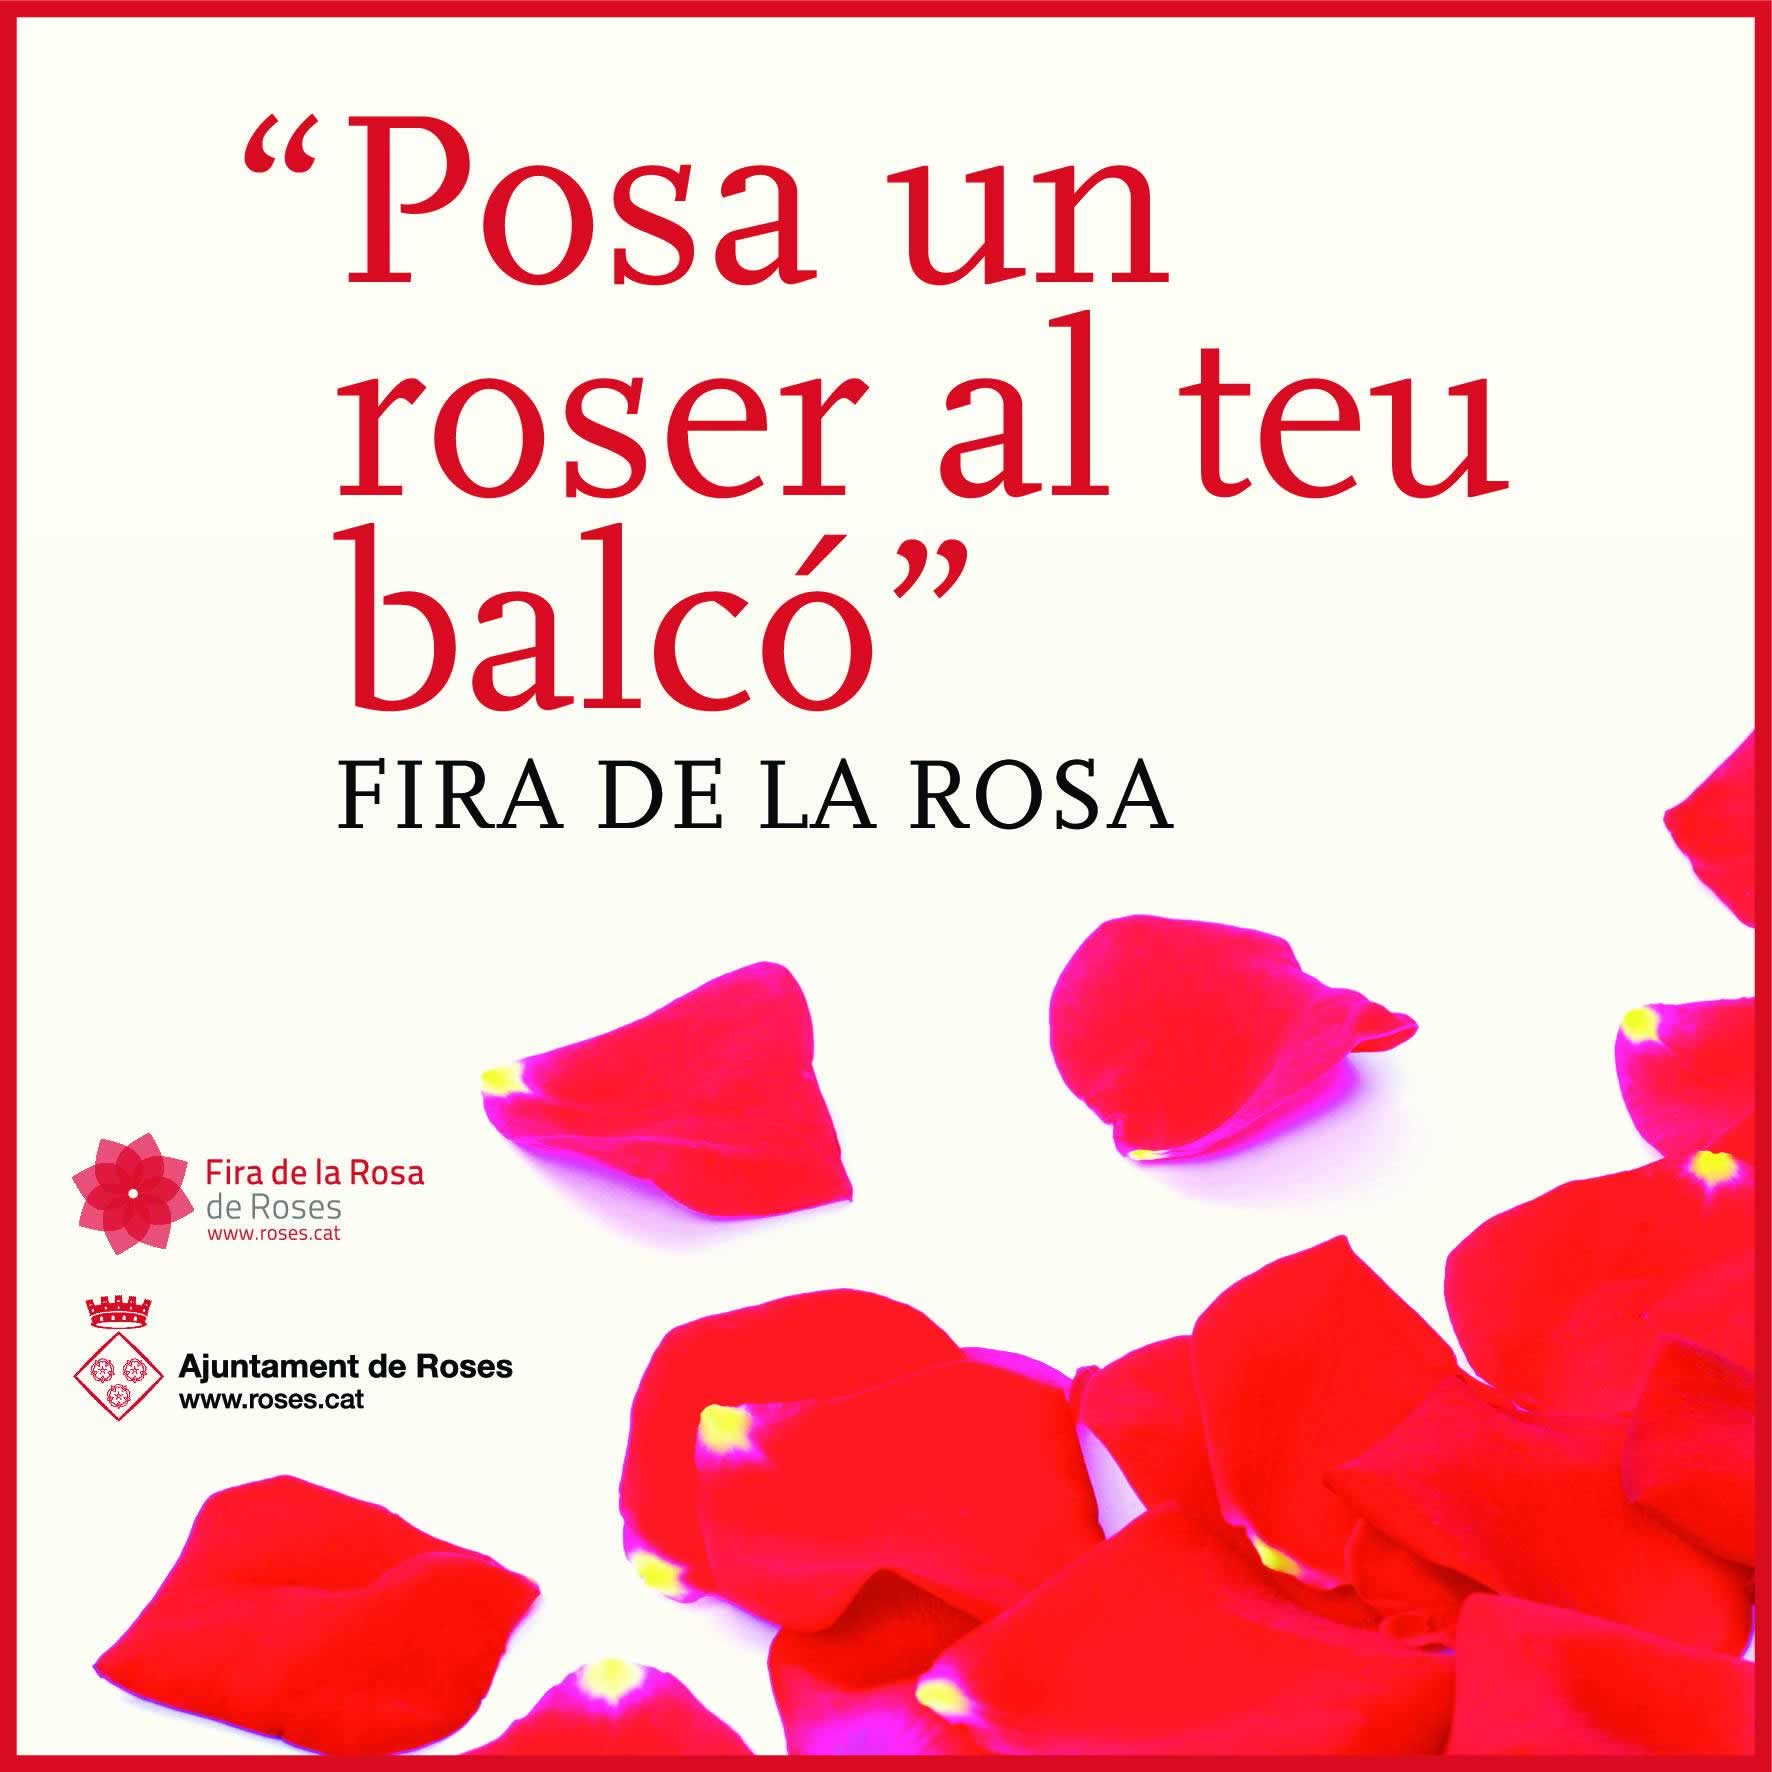 """""""Posa un roser al teu balcó"""" el lema de la Fira de la Rosa d'enguany"""